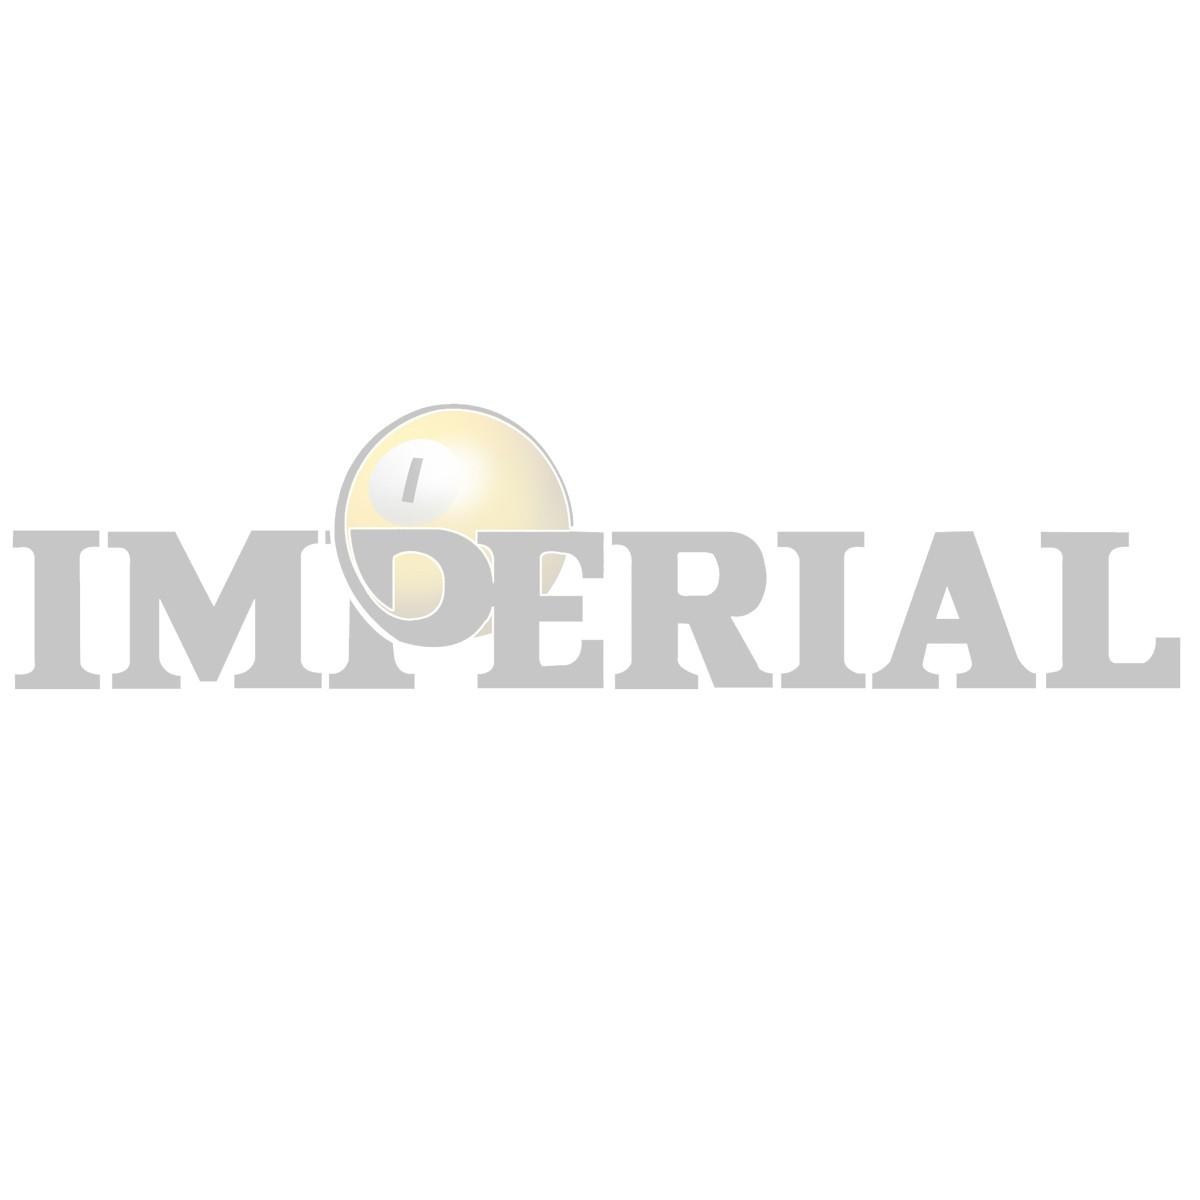 Washington Nationals 8-foot Billiard Cloth